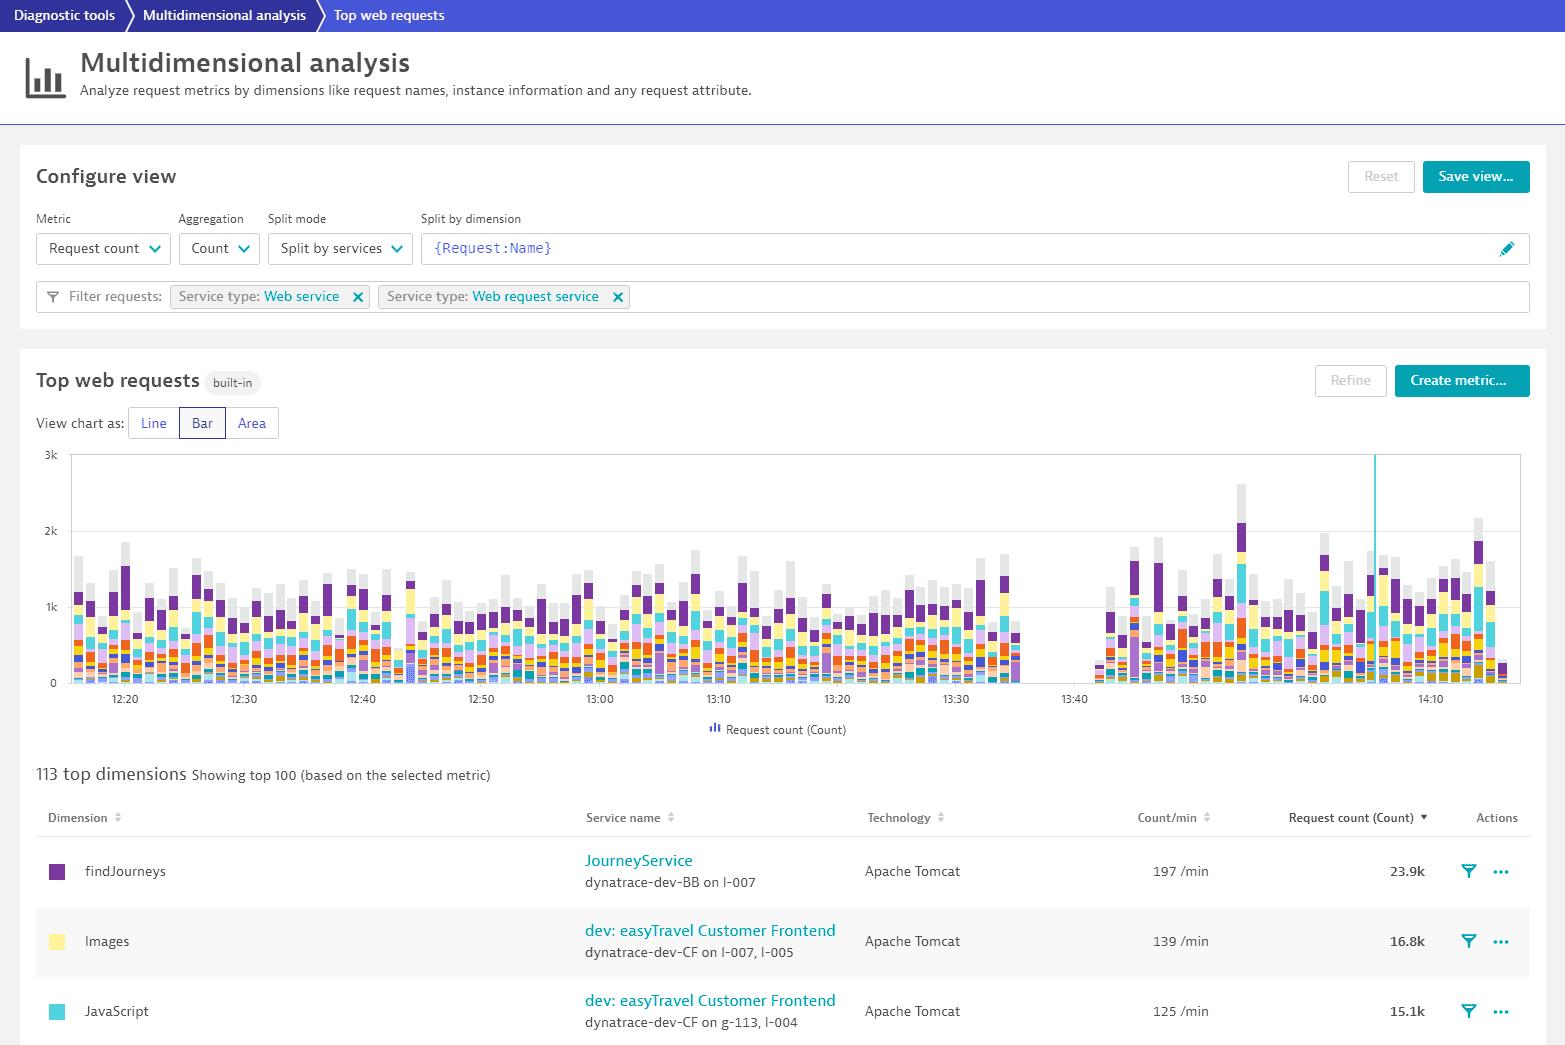 Top web requests